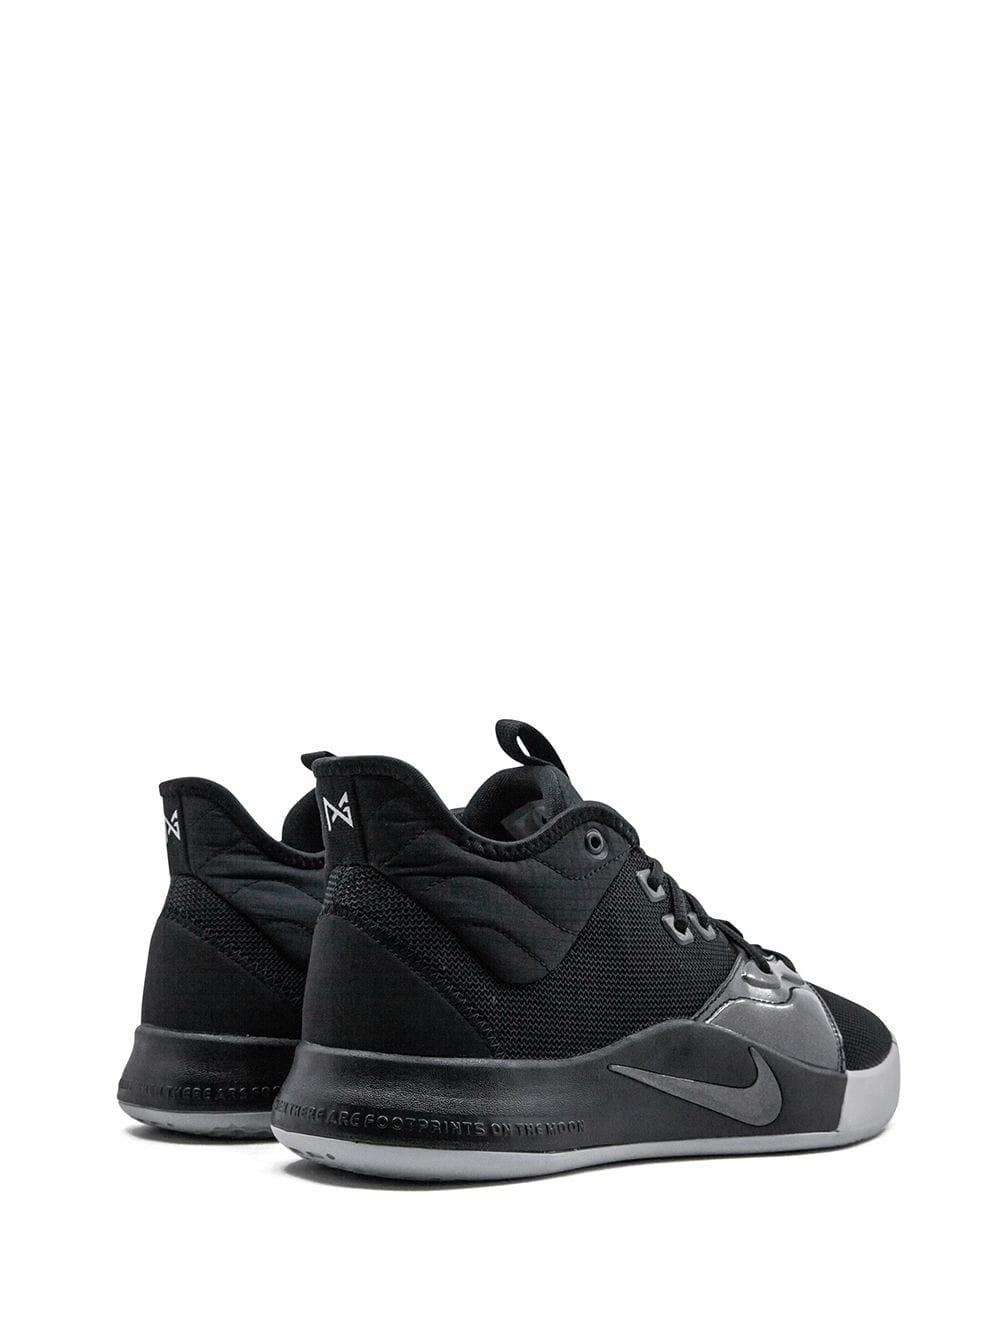 Zapatillas PG 3 Nike de Tejido sintético de color Negro para hombre